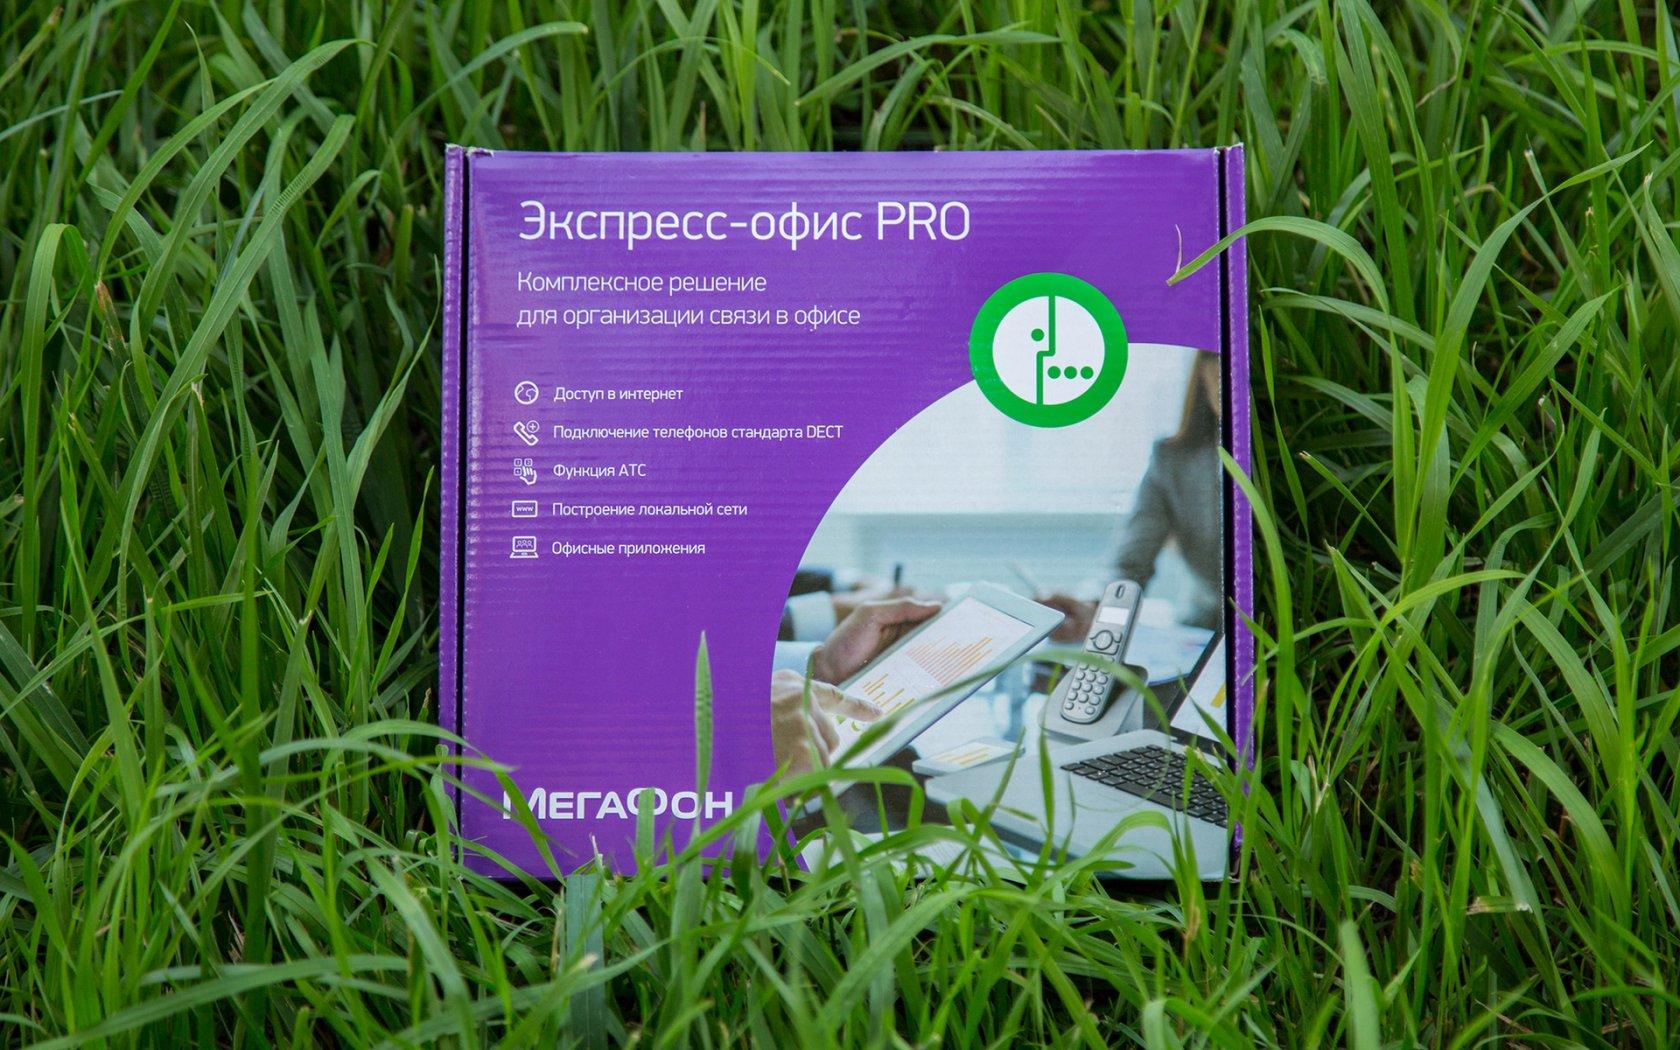 Экспресс-офис PRO от MegaFon — офисная телефония за пару часов - 14